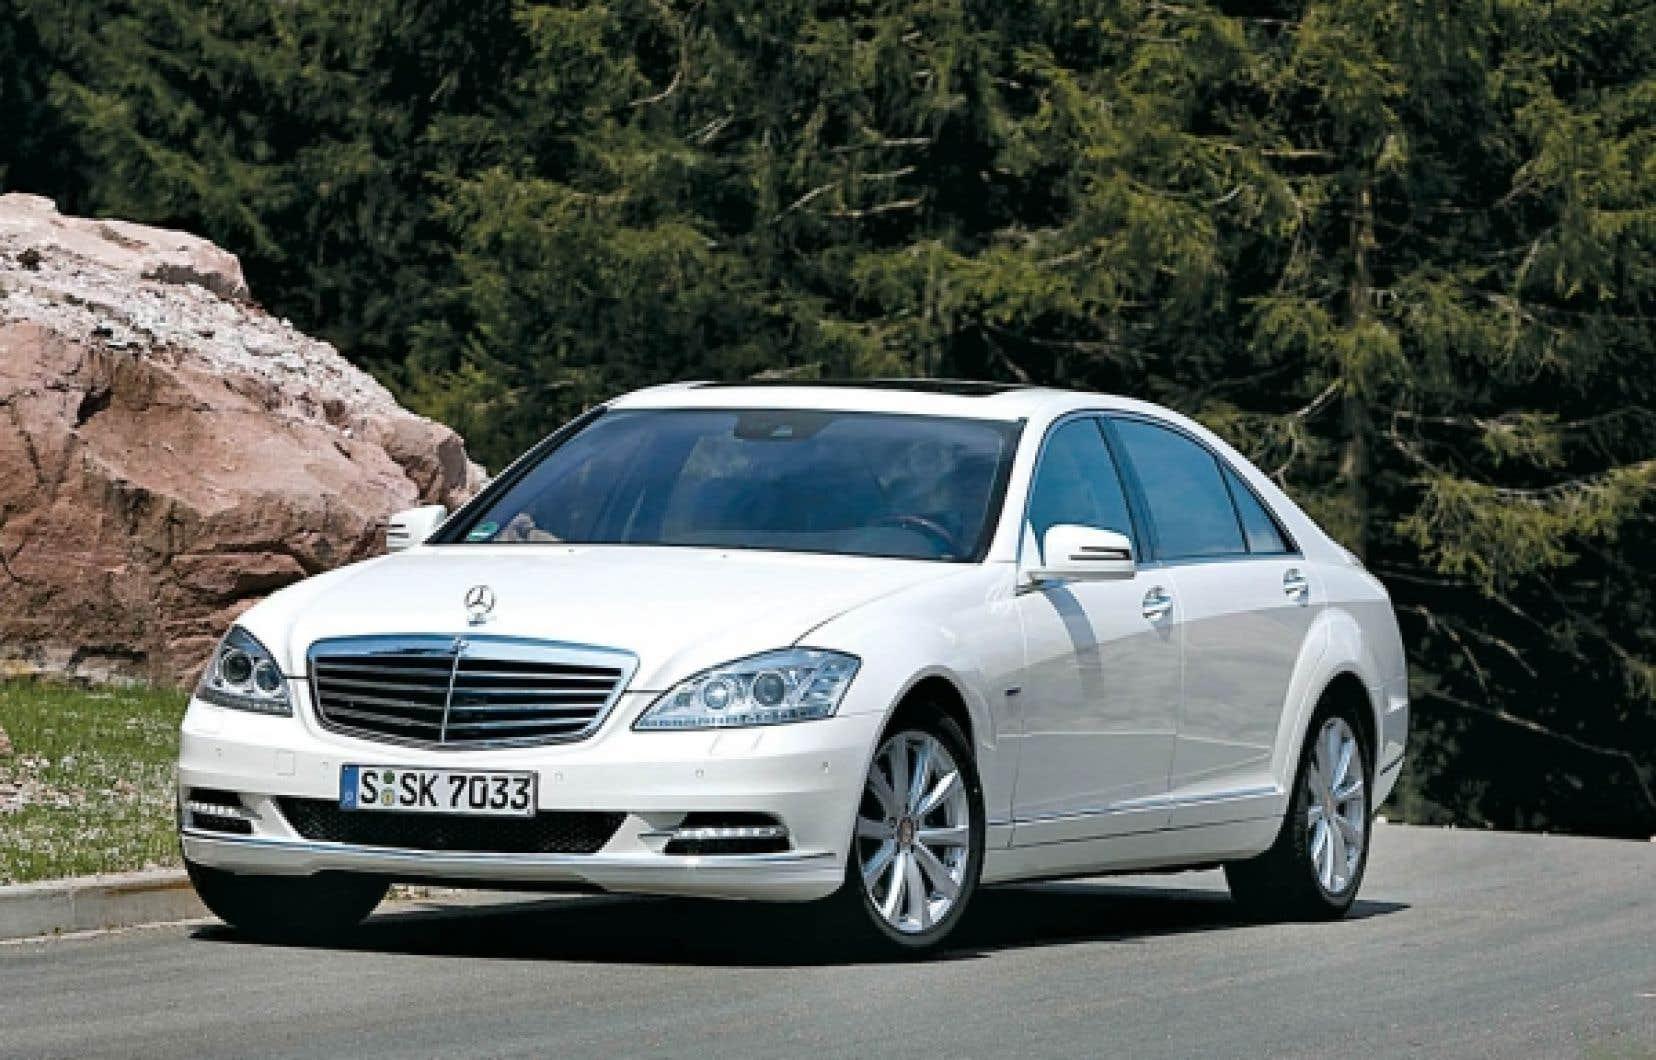 Mercedes se démarque par son élégance, ses lignes fluides et sa personnalité. Même s'il s'agit d'une très grosse voiture, elle semble moins pataude que la Lexus.